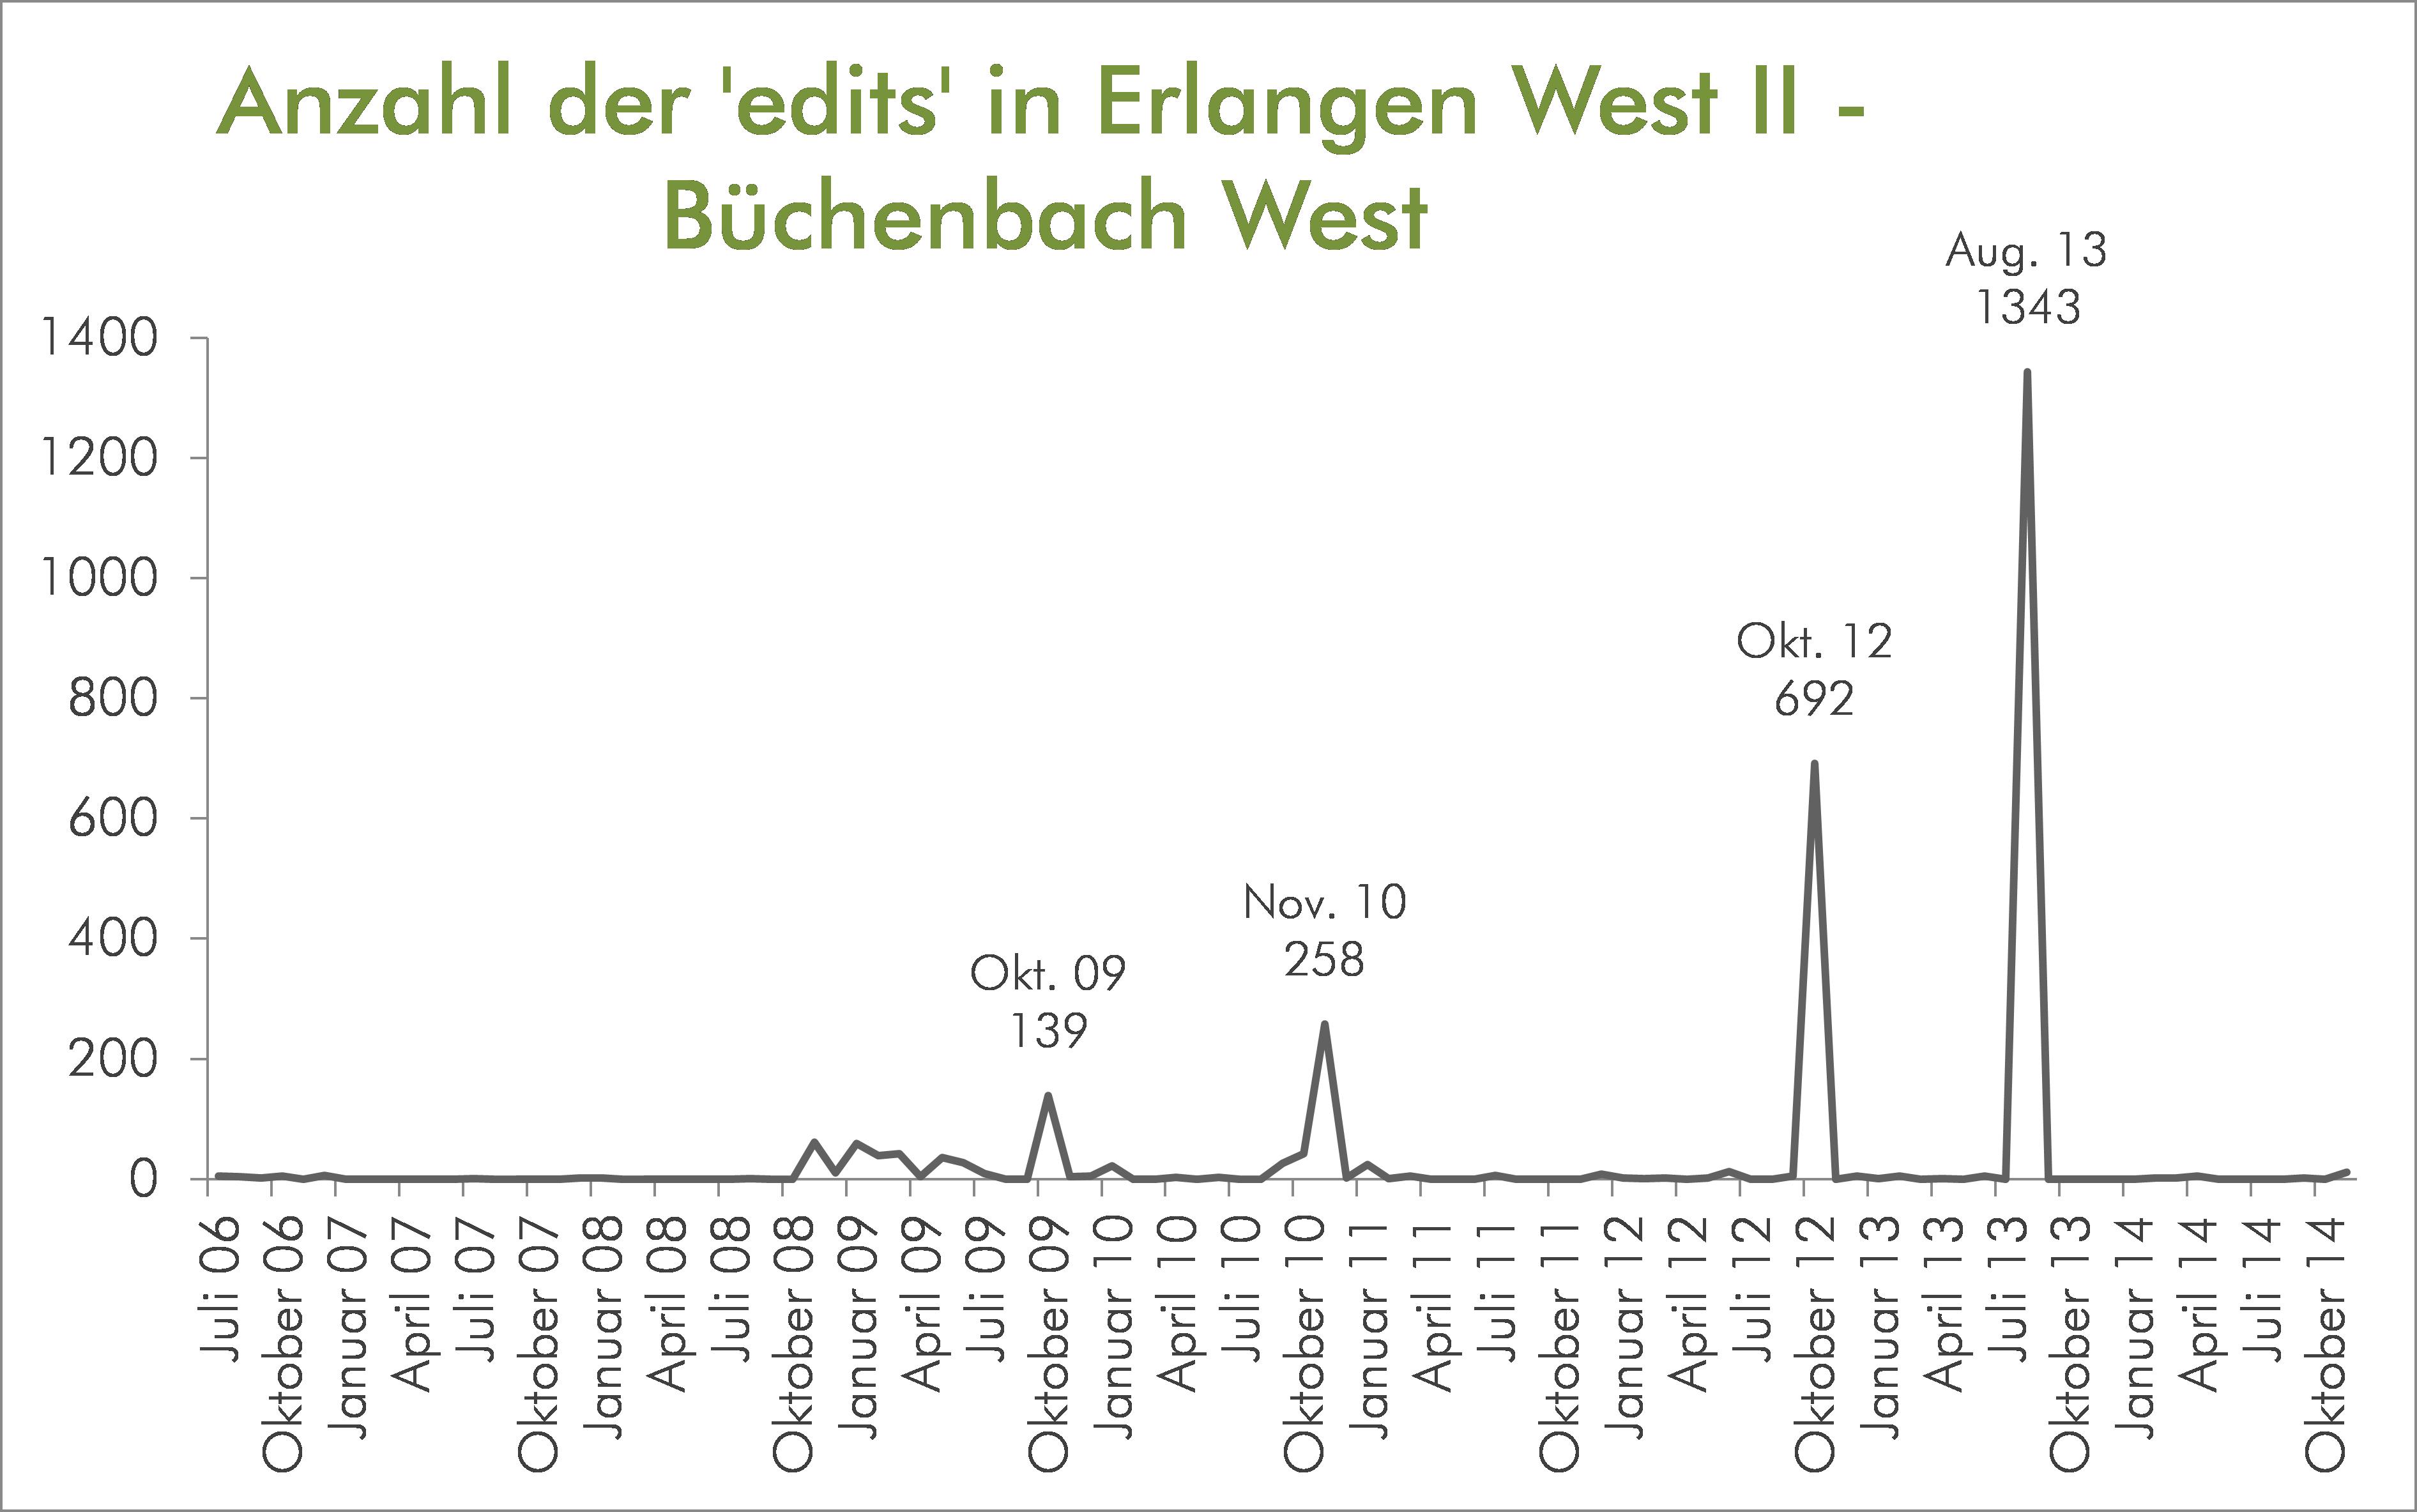 Anzahl der edits in Erlangen West II - Büchebach West